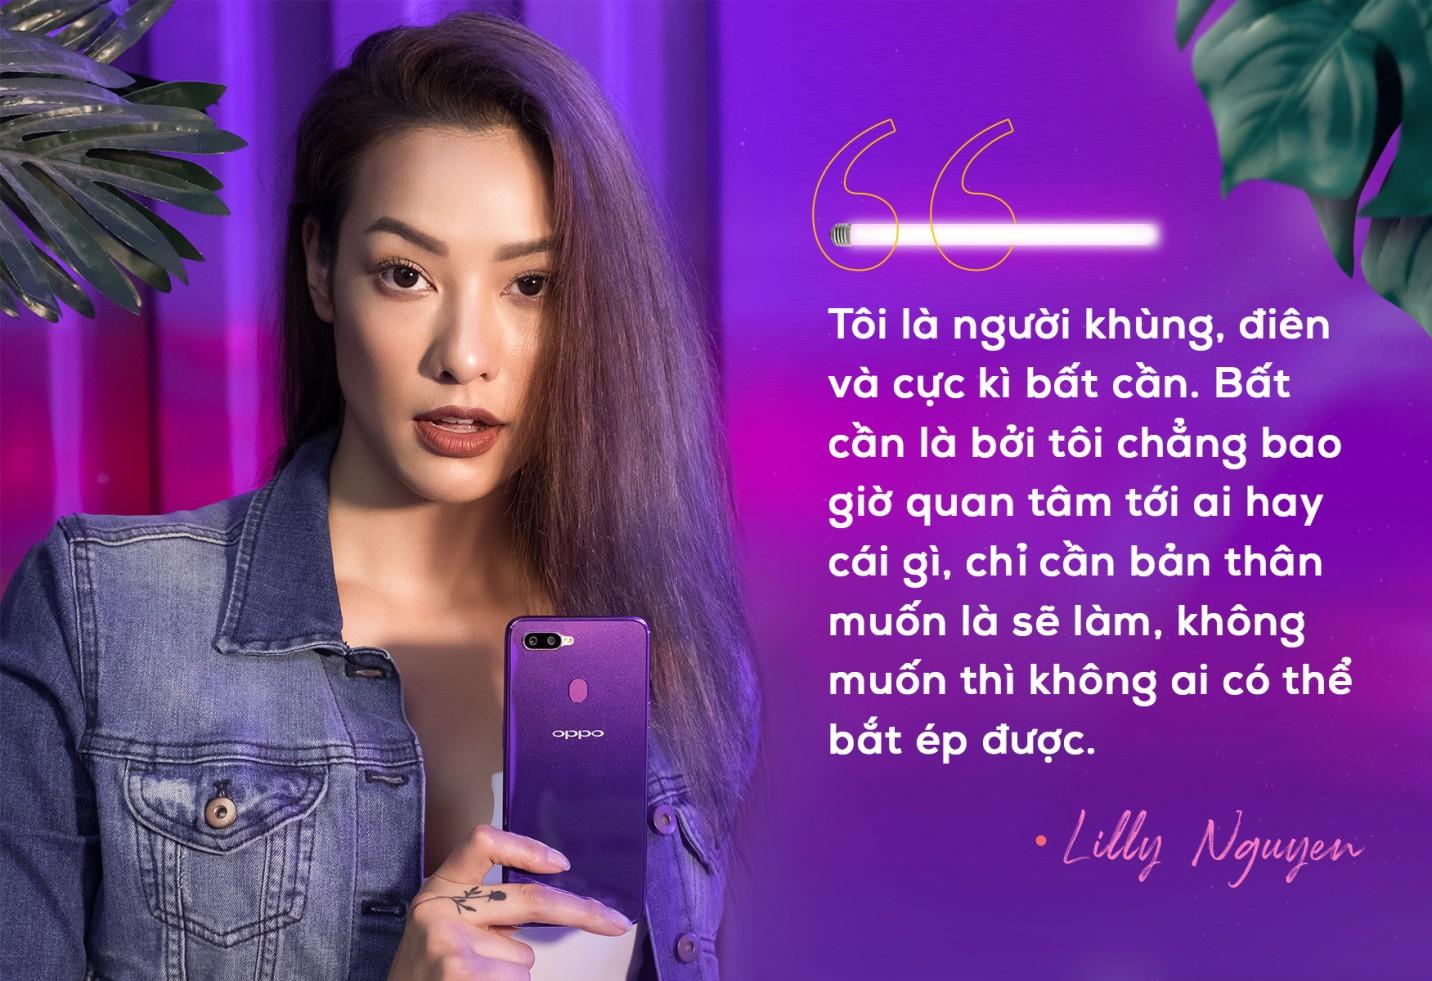 Lilly Nguyễn: Hành trình trở về của cô gái với ước mơ chinh phục thời trang Việt Nam - Ảnh 2.